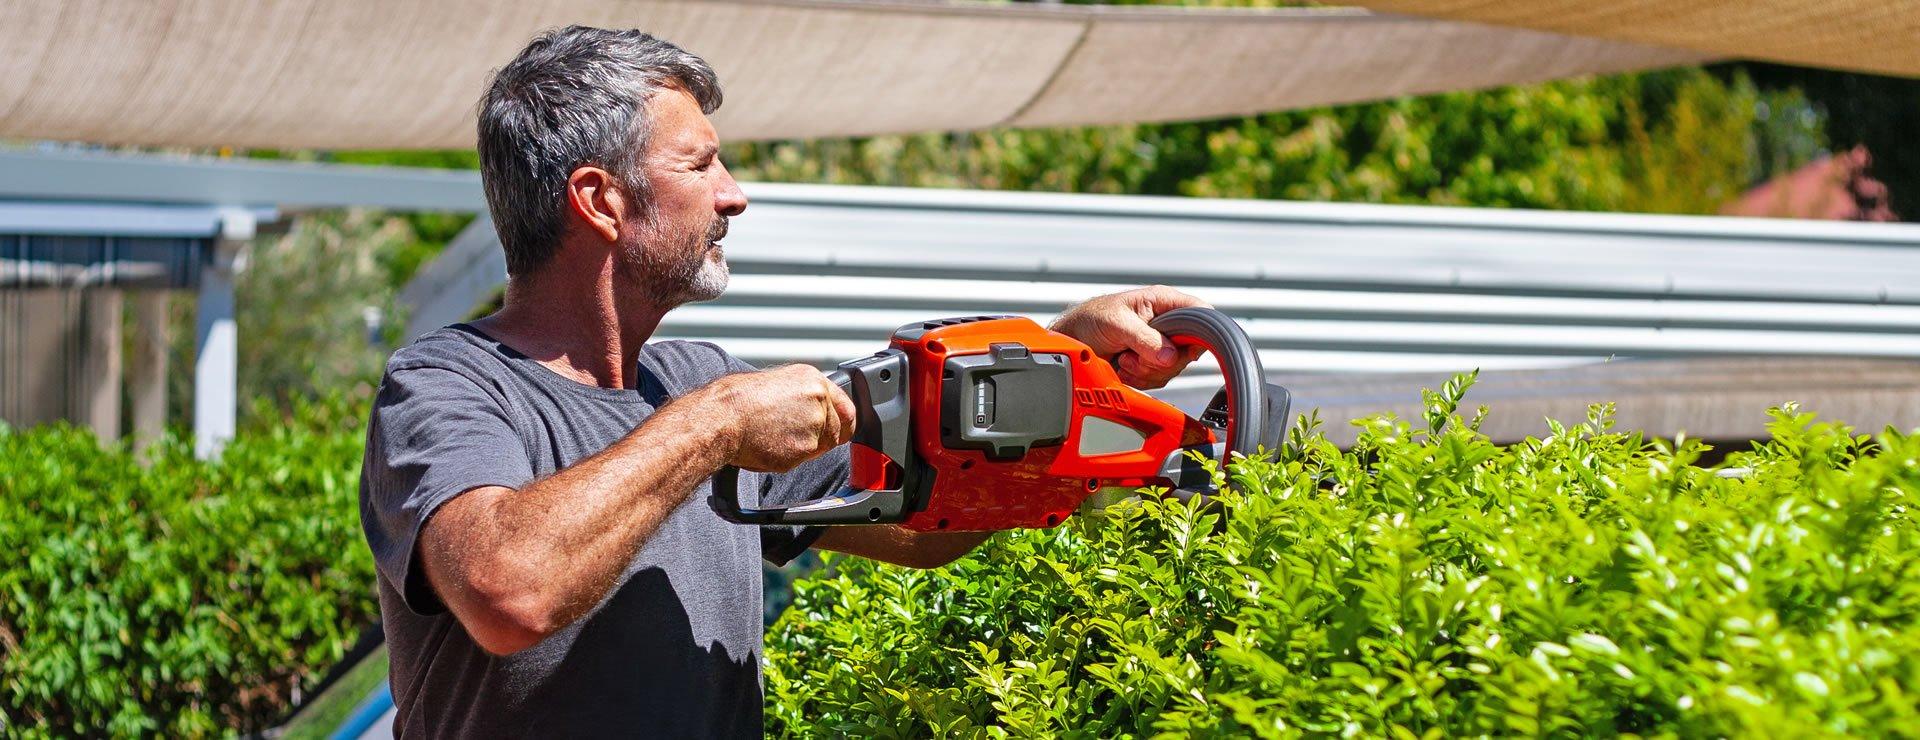 Privet Hedge Care – A Guide for Healthy Privet Hedges